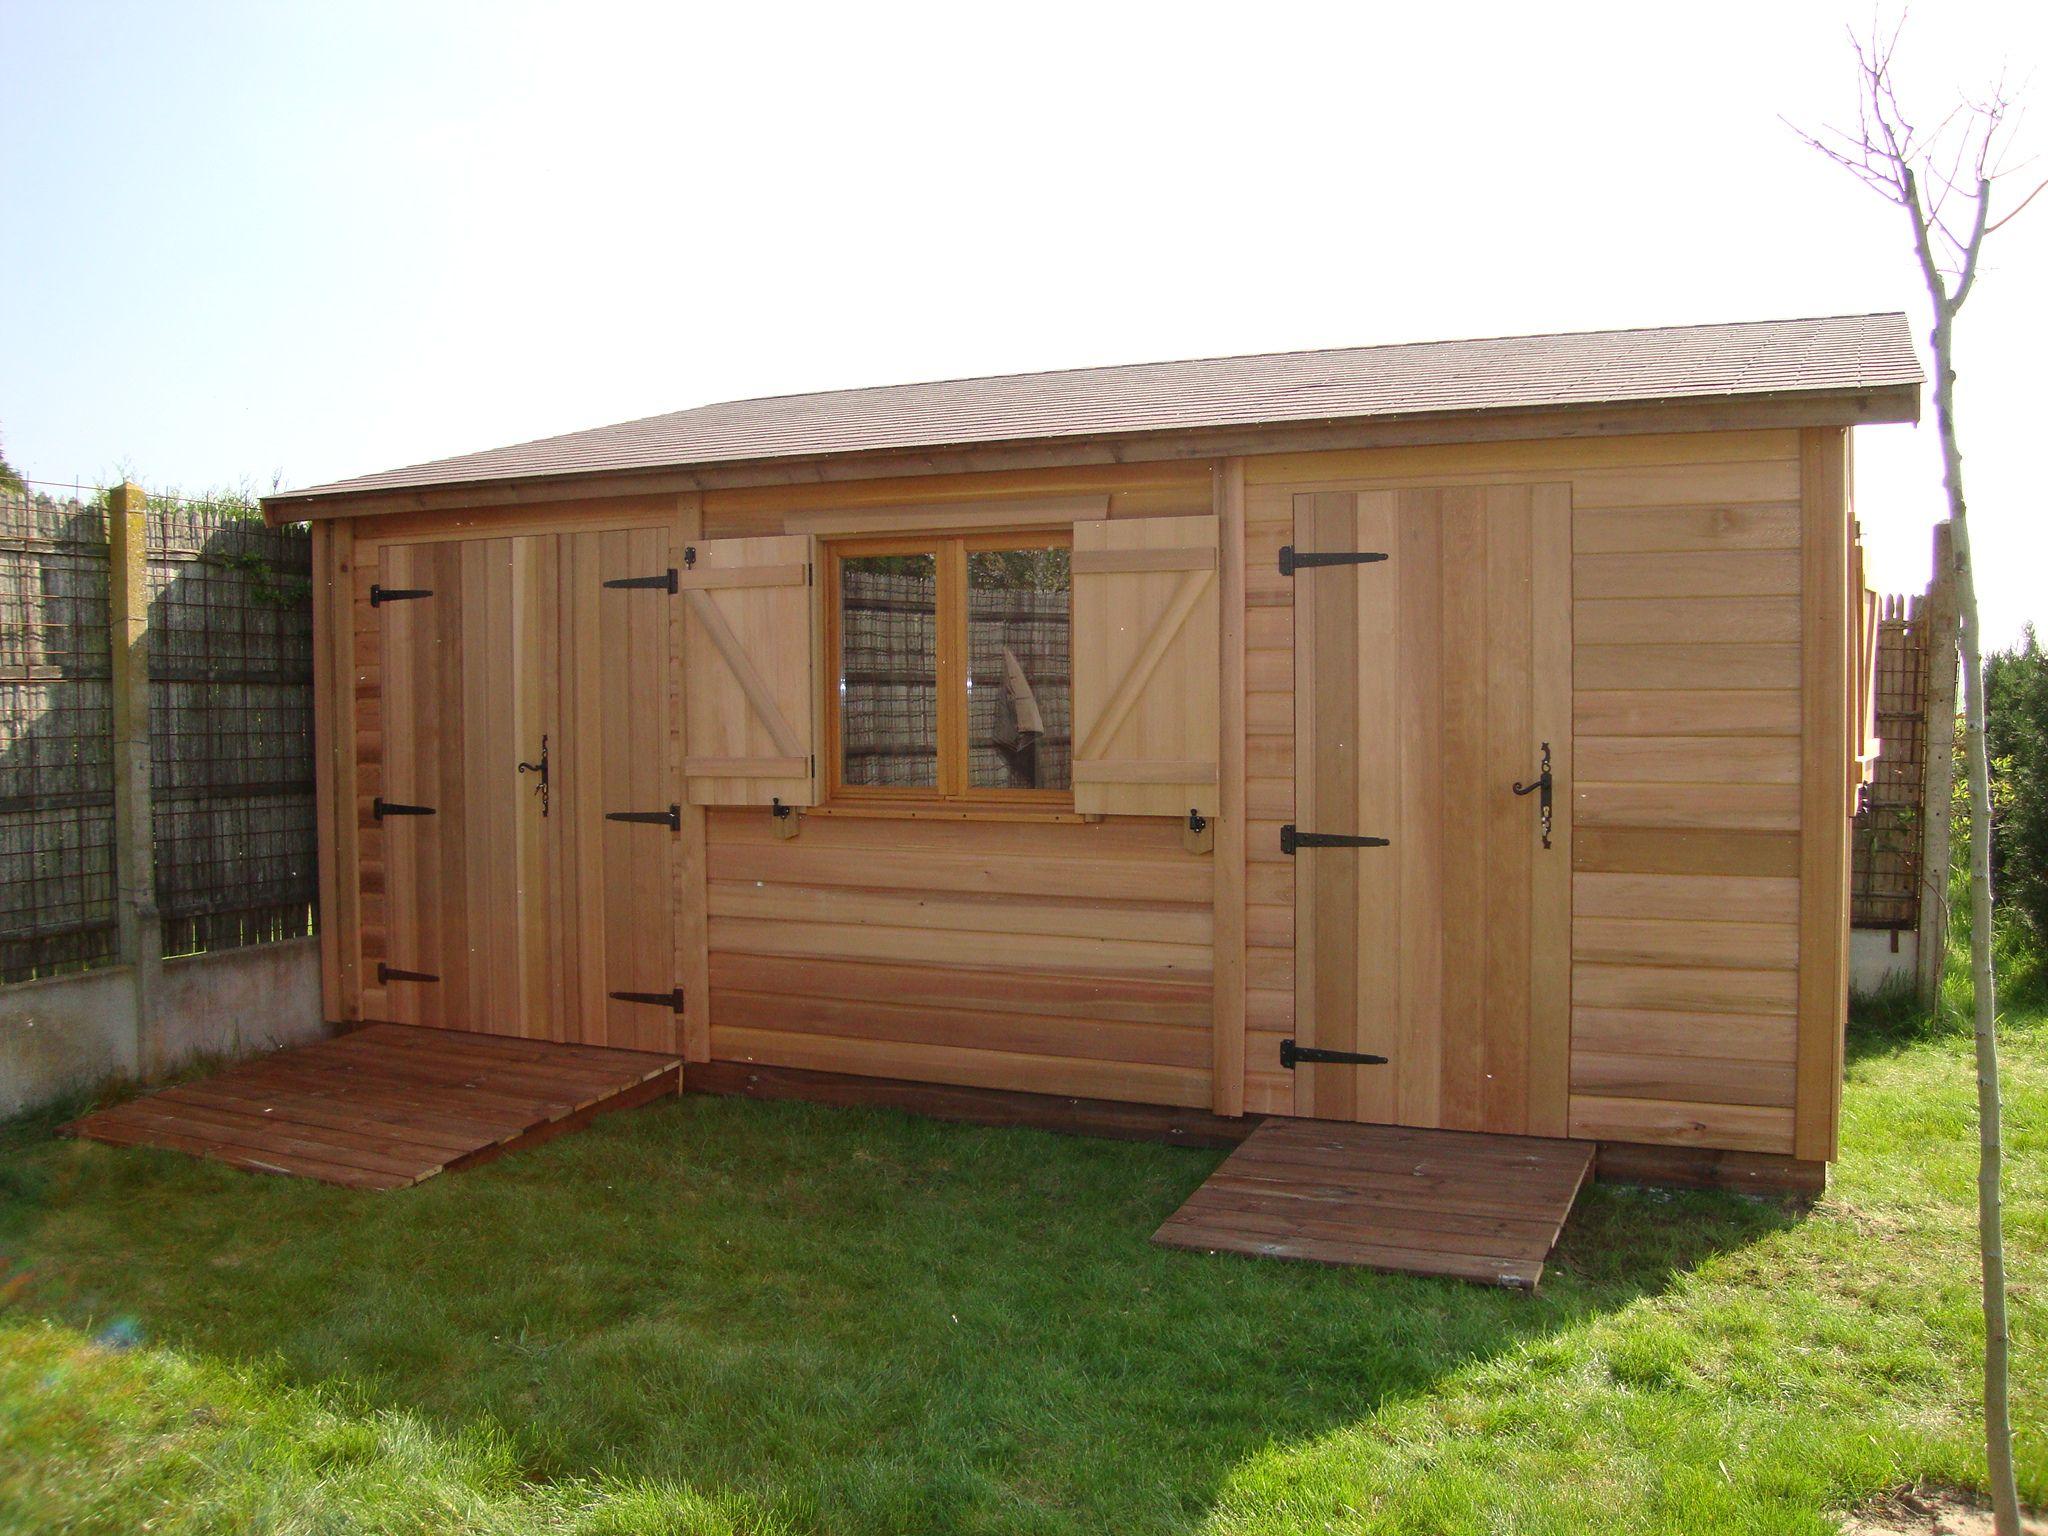 Fabriquer une cabane de jardin en palette - Abri de jardin et ... 2792937c82f7